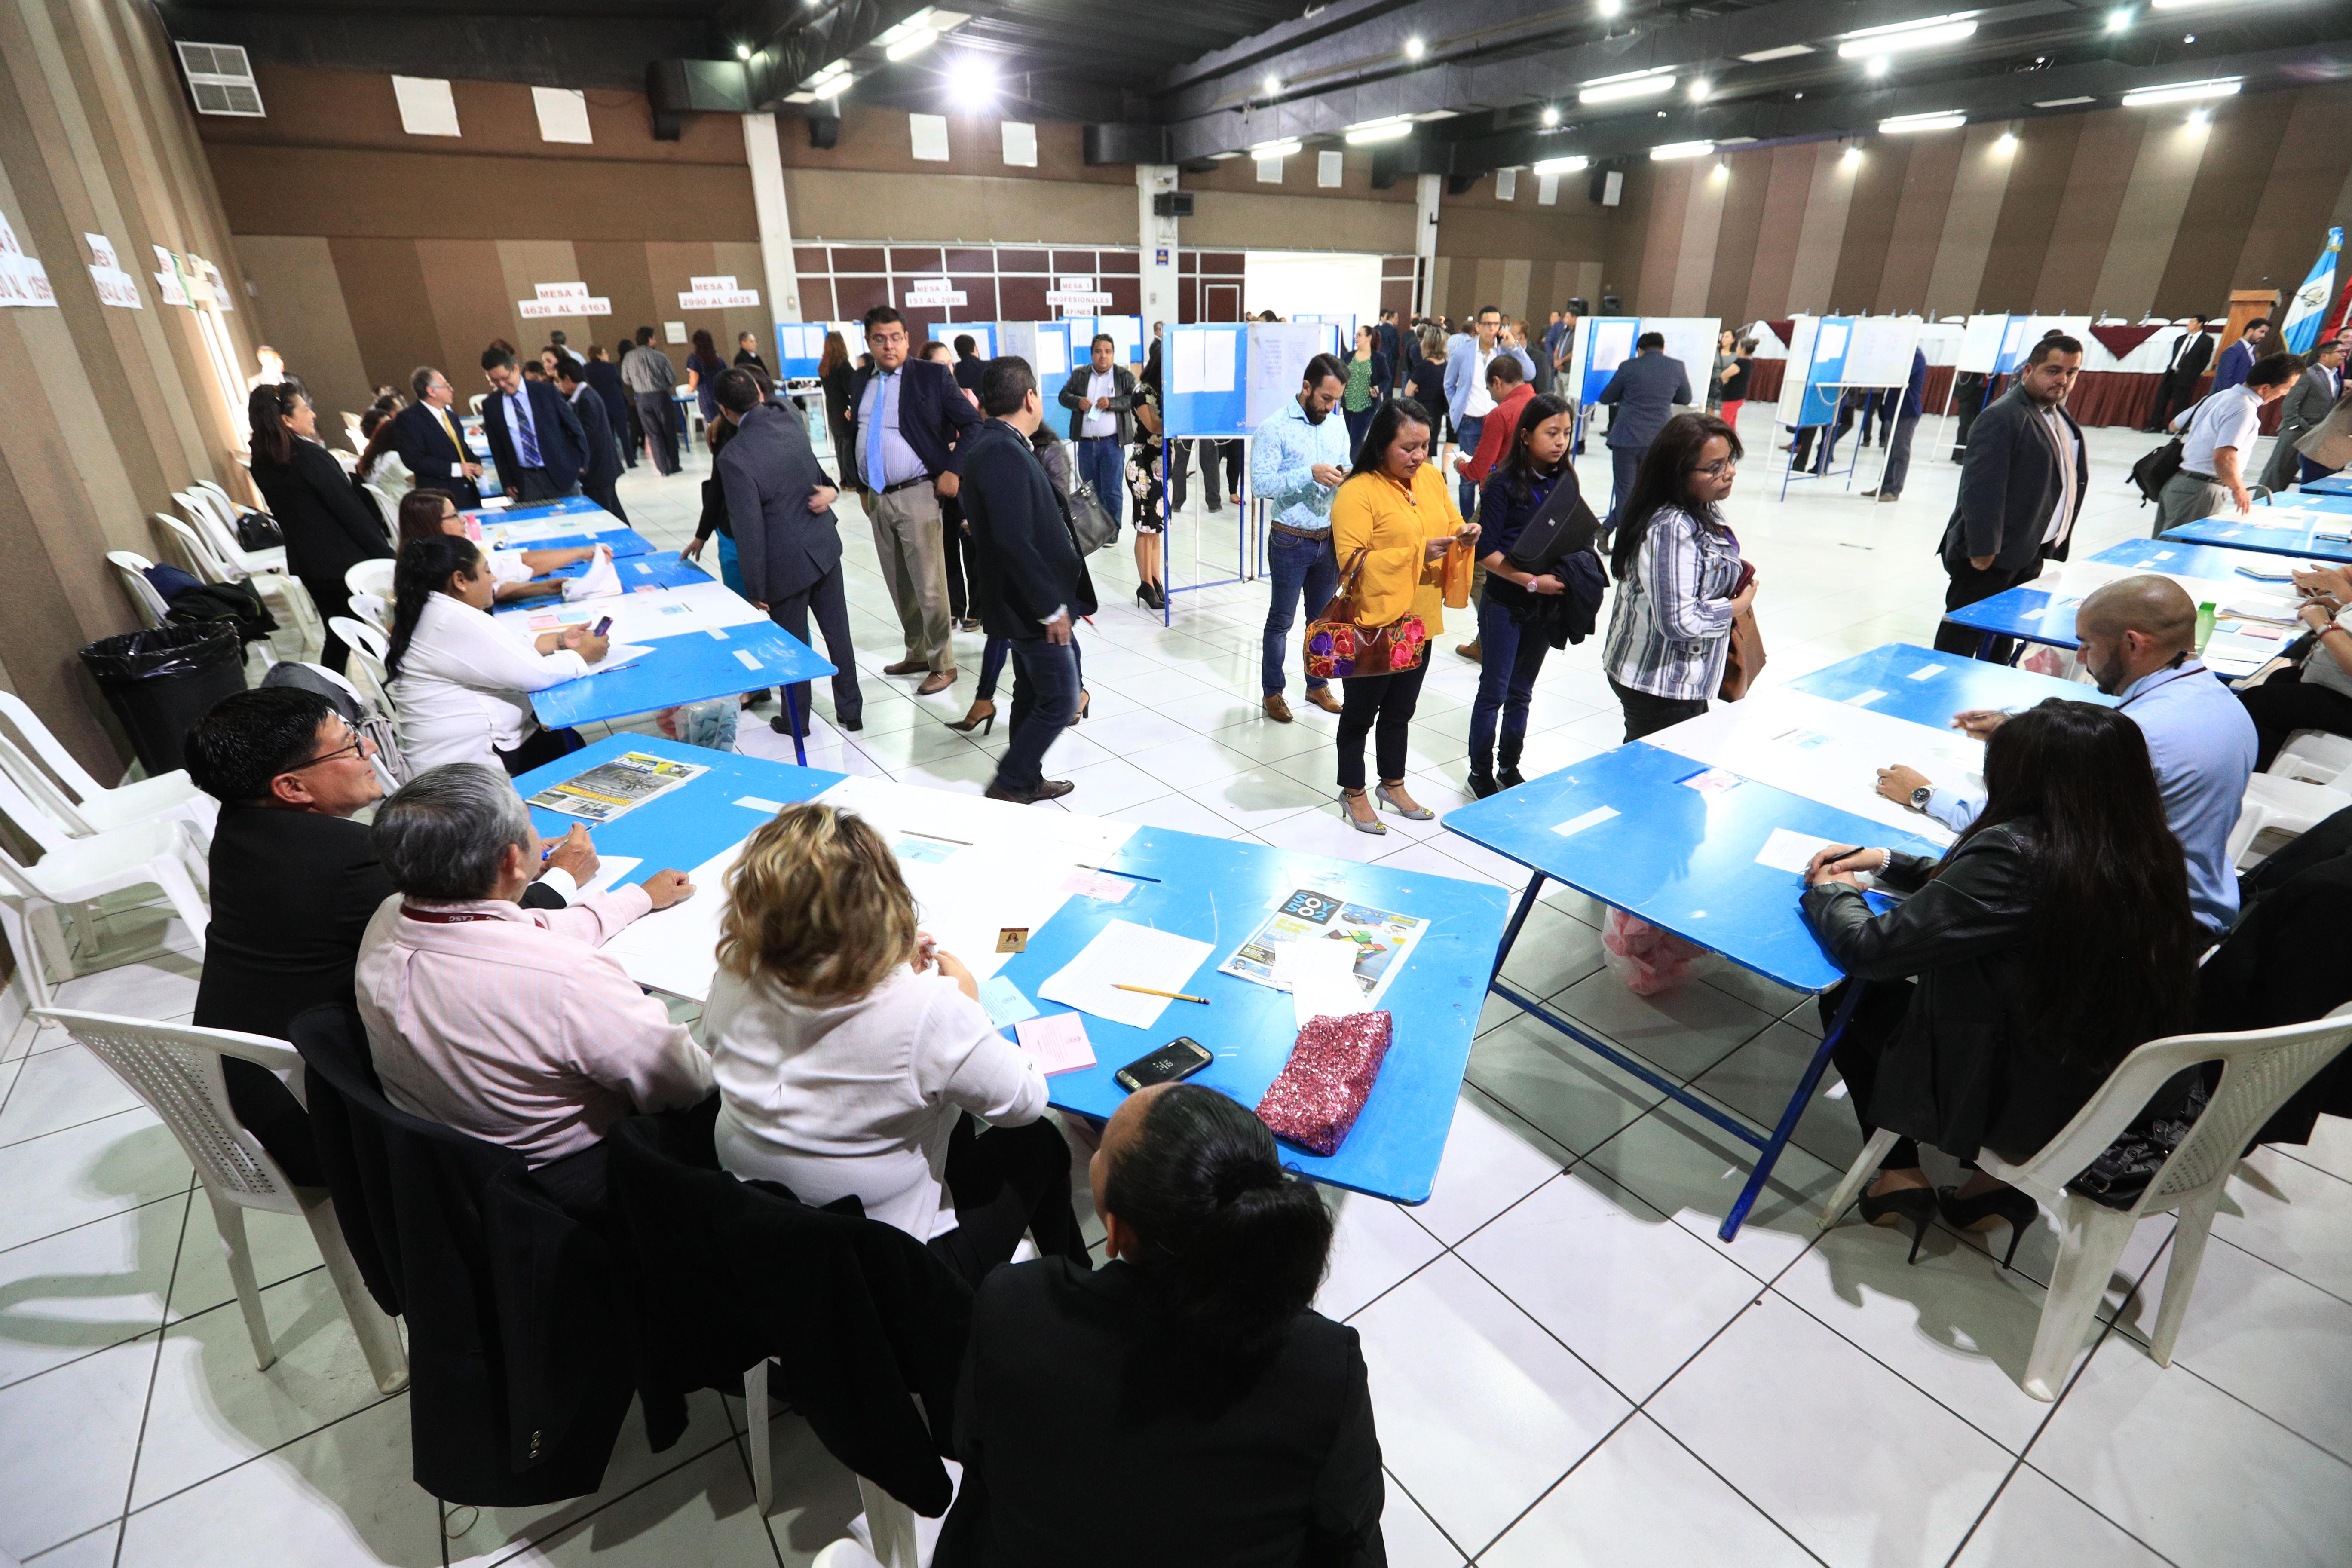 Los profesionales que conforman el Colegio de Abogados acudieron a votar. (Foto Prensa Libre: Carlos Hernández)